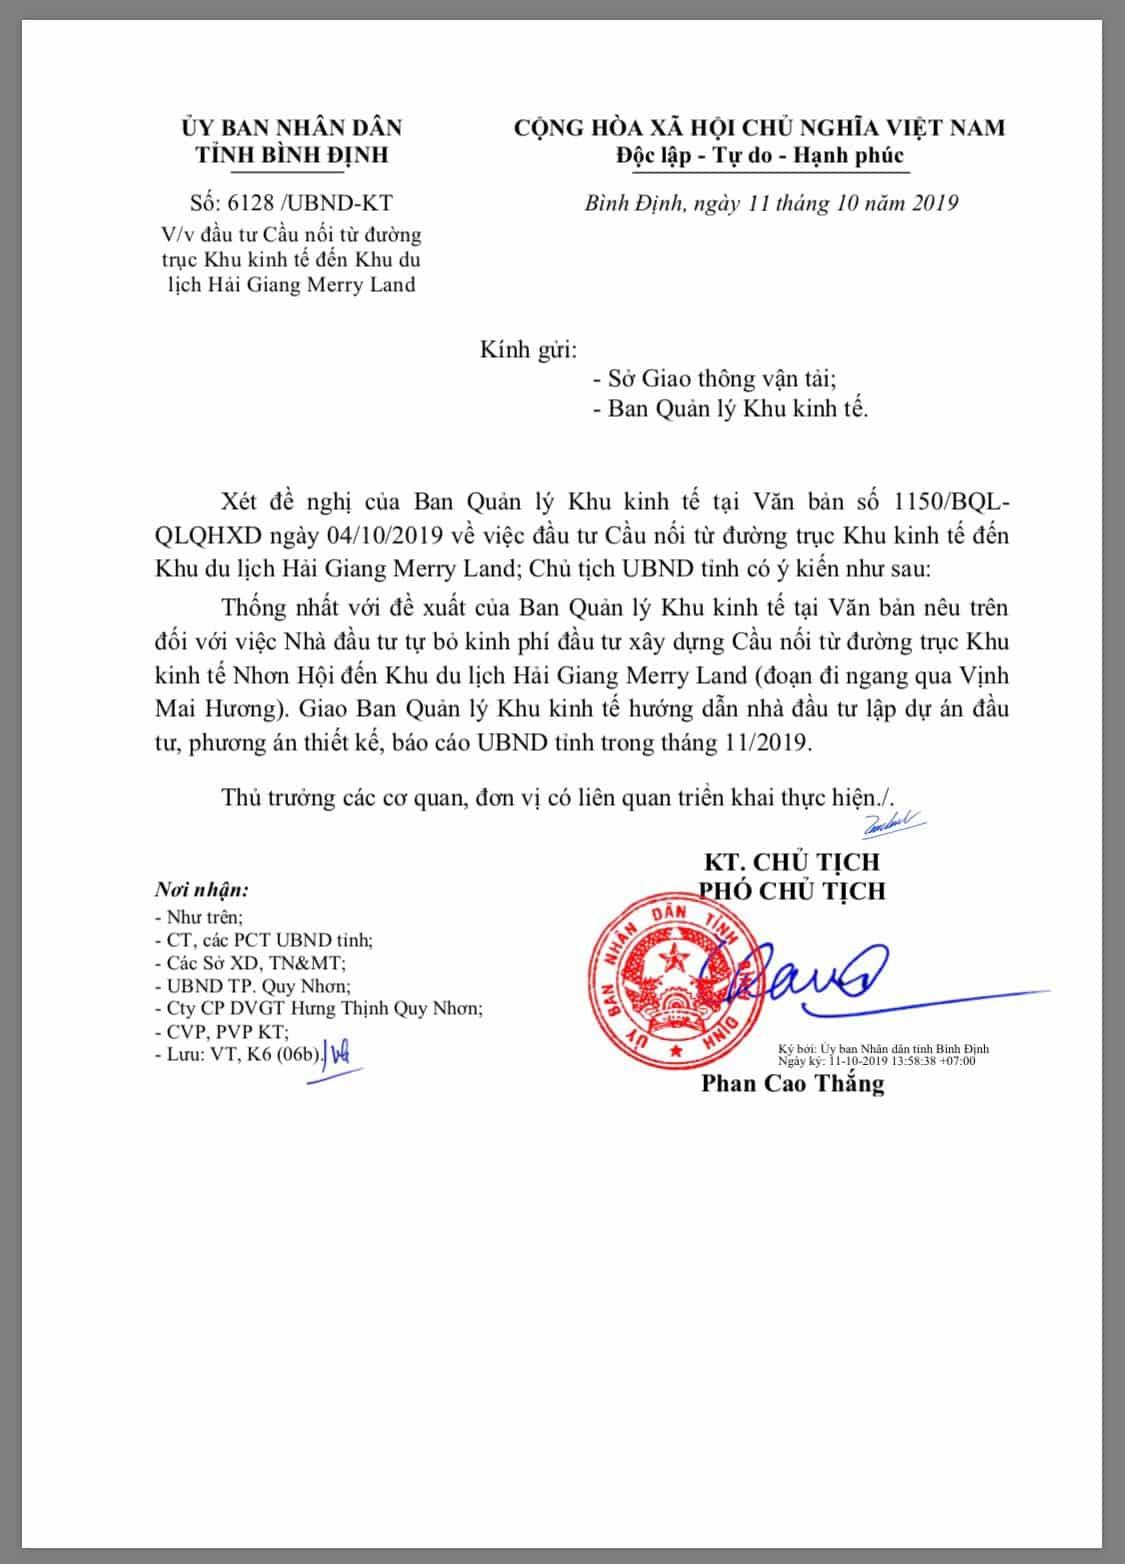 Văn bản chấp thuận xây cầu nối đường trục khu kinh tế Nhơn Hội đến khu du lịch Hải Giang Merry Land của UBND tỉnh Bình Định